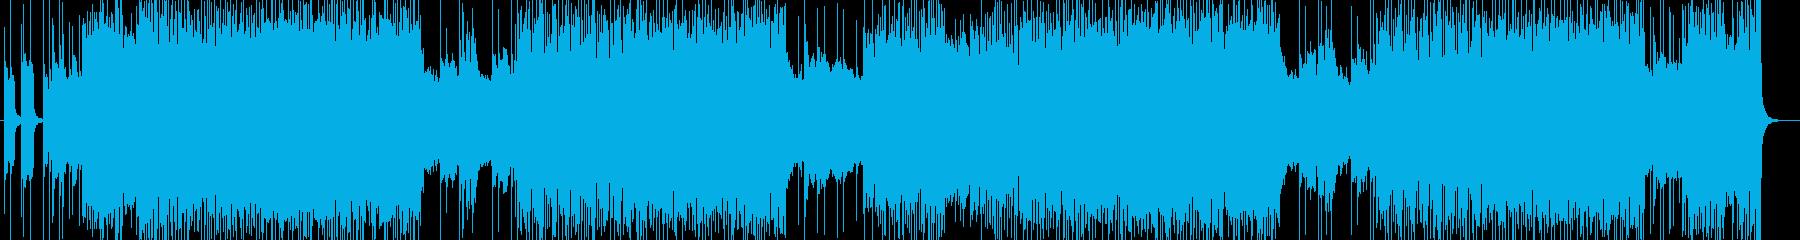 「HR/HM」「DEATH」BGM147の再生済みの波形